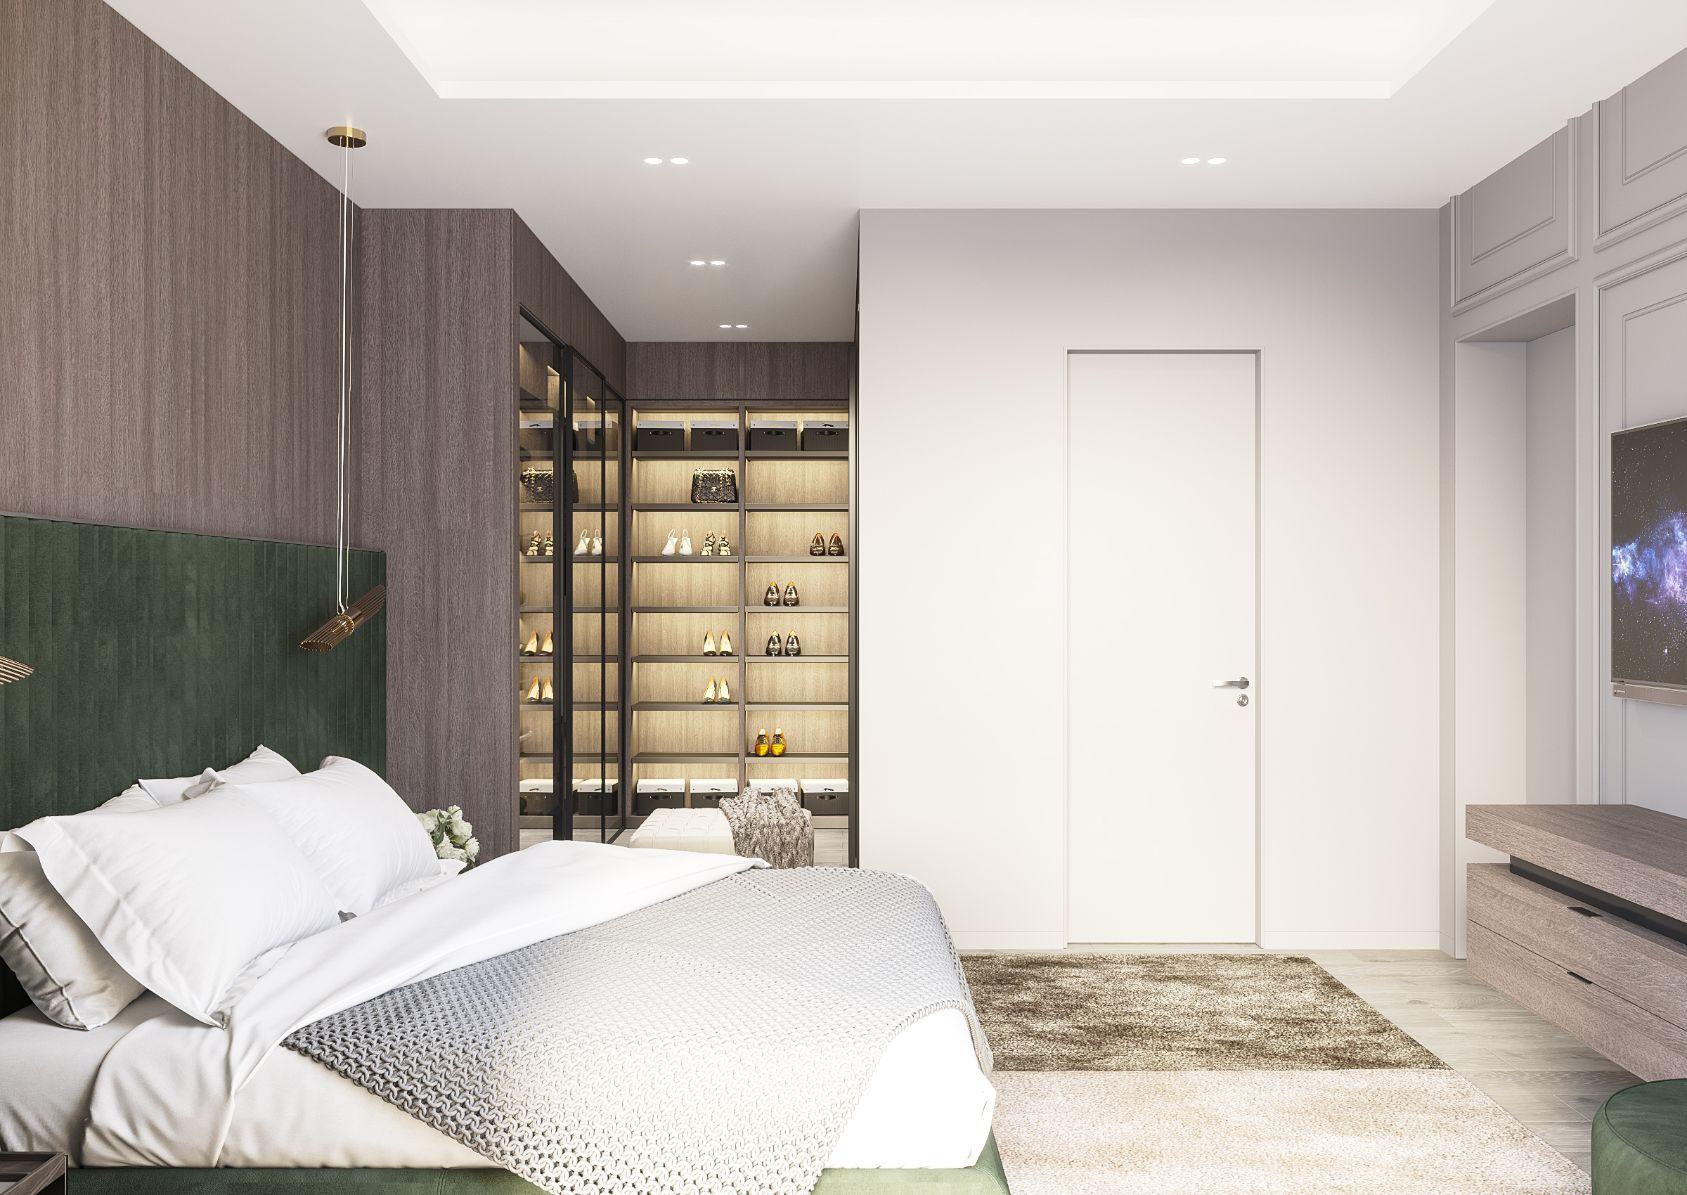 dormitor amenajare interioara